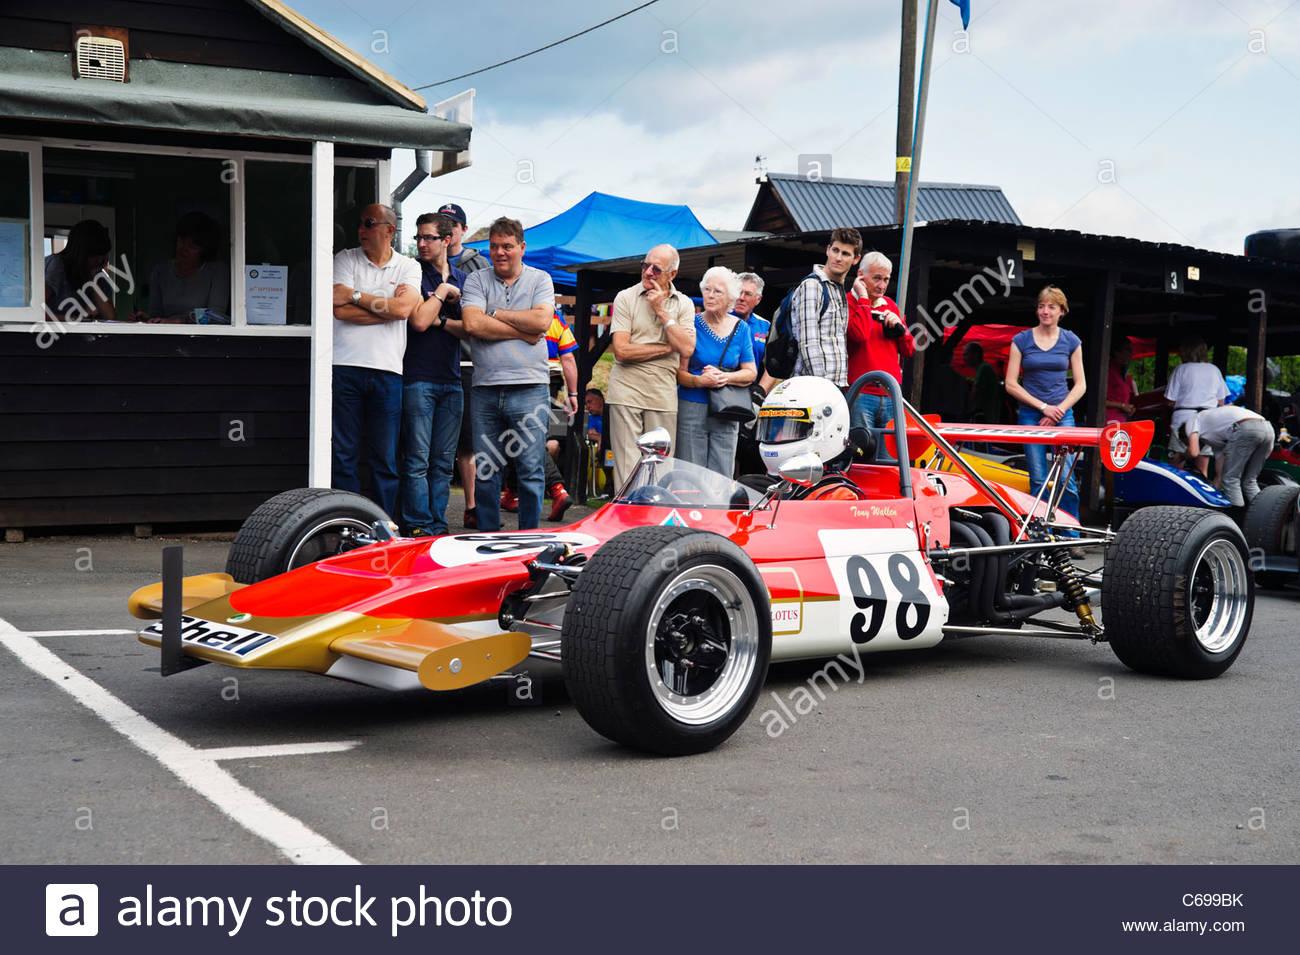 Tony Wallen Lotus 69 F3 single seat racing car at Shelsley Walsh ...